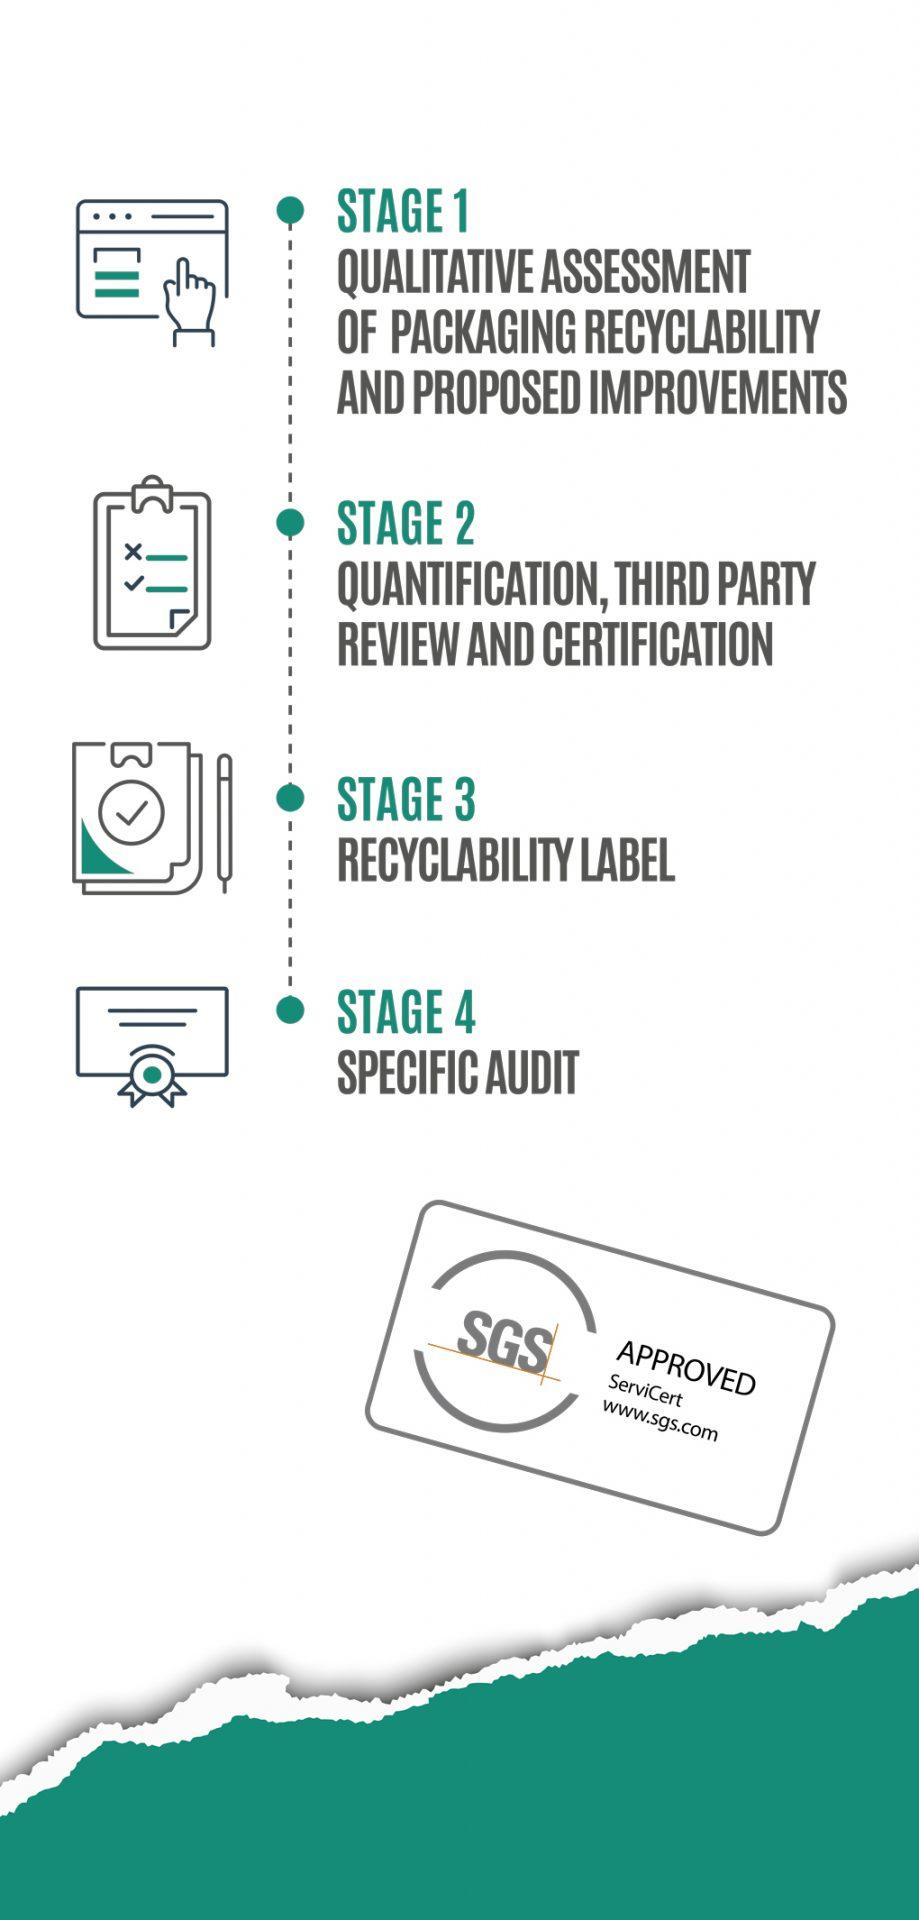 DRIADE-SELLO-RECICLABILIDAD-Infografia-fases